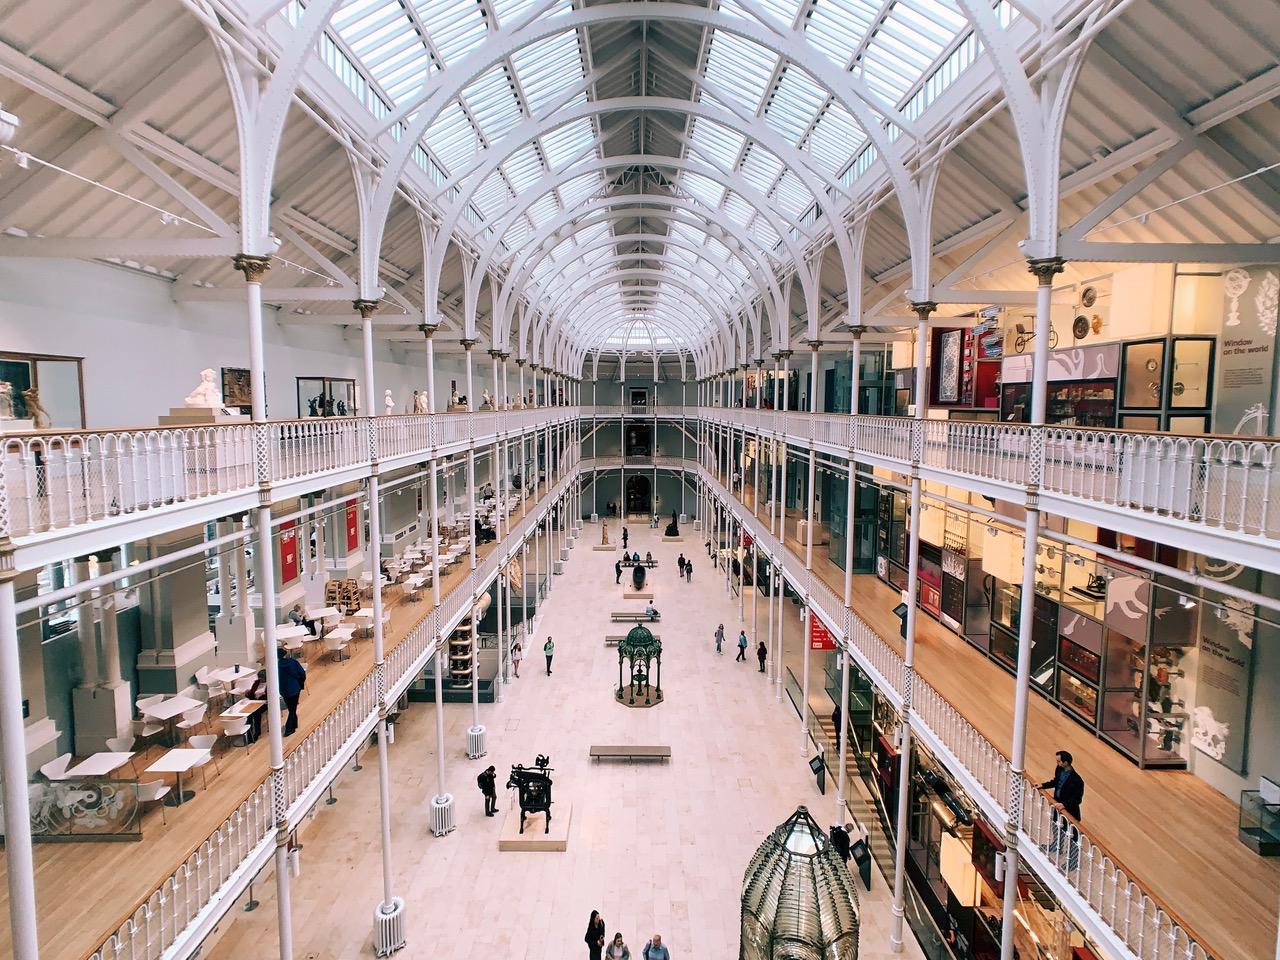 スコットランド国立博物館内の白い内装